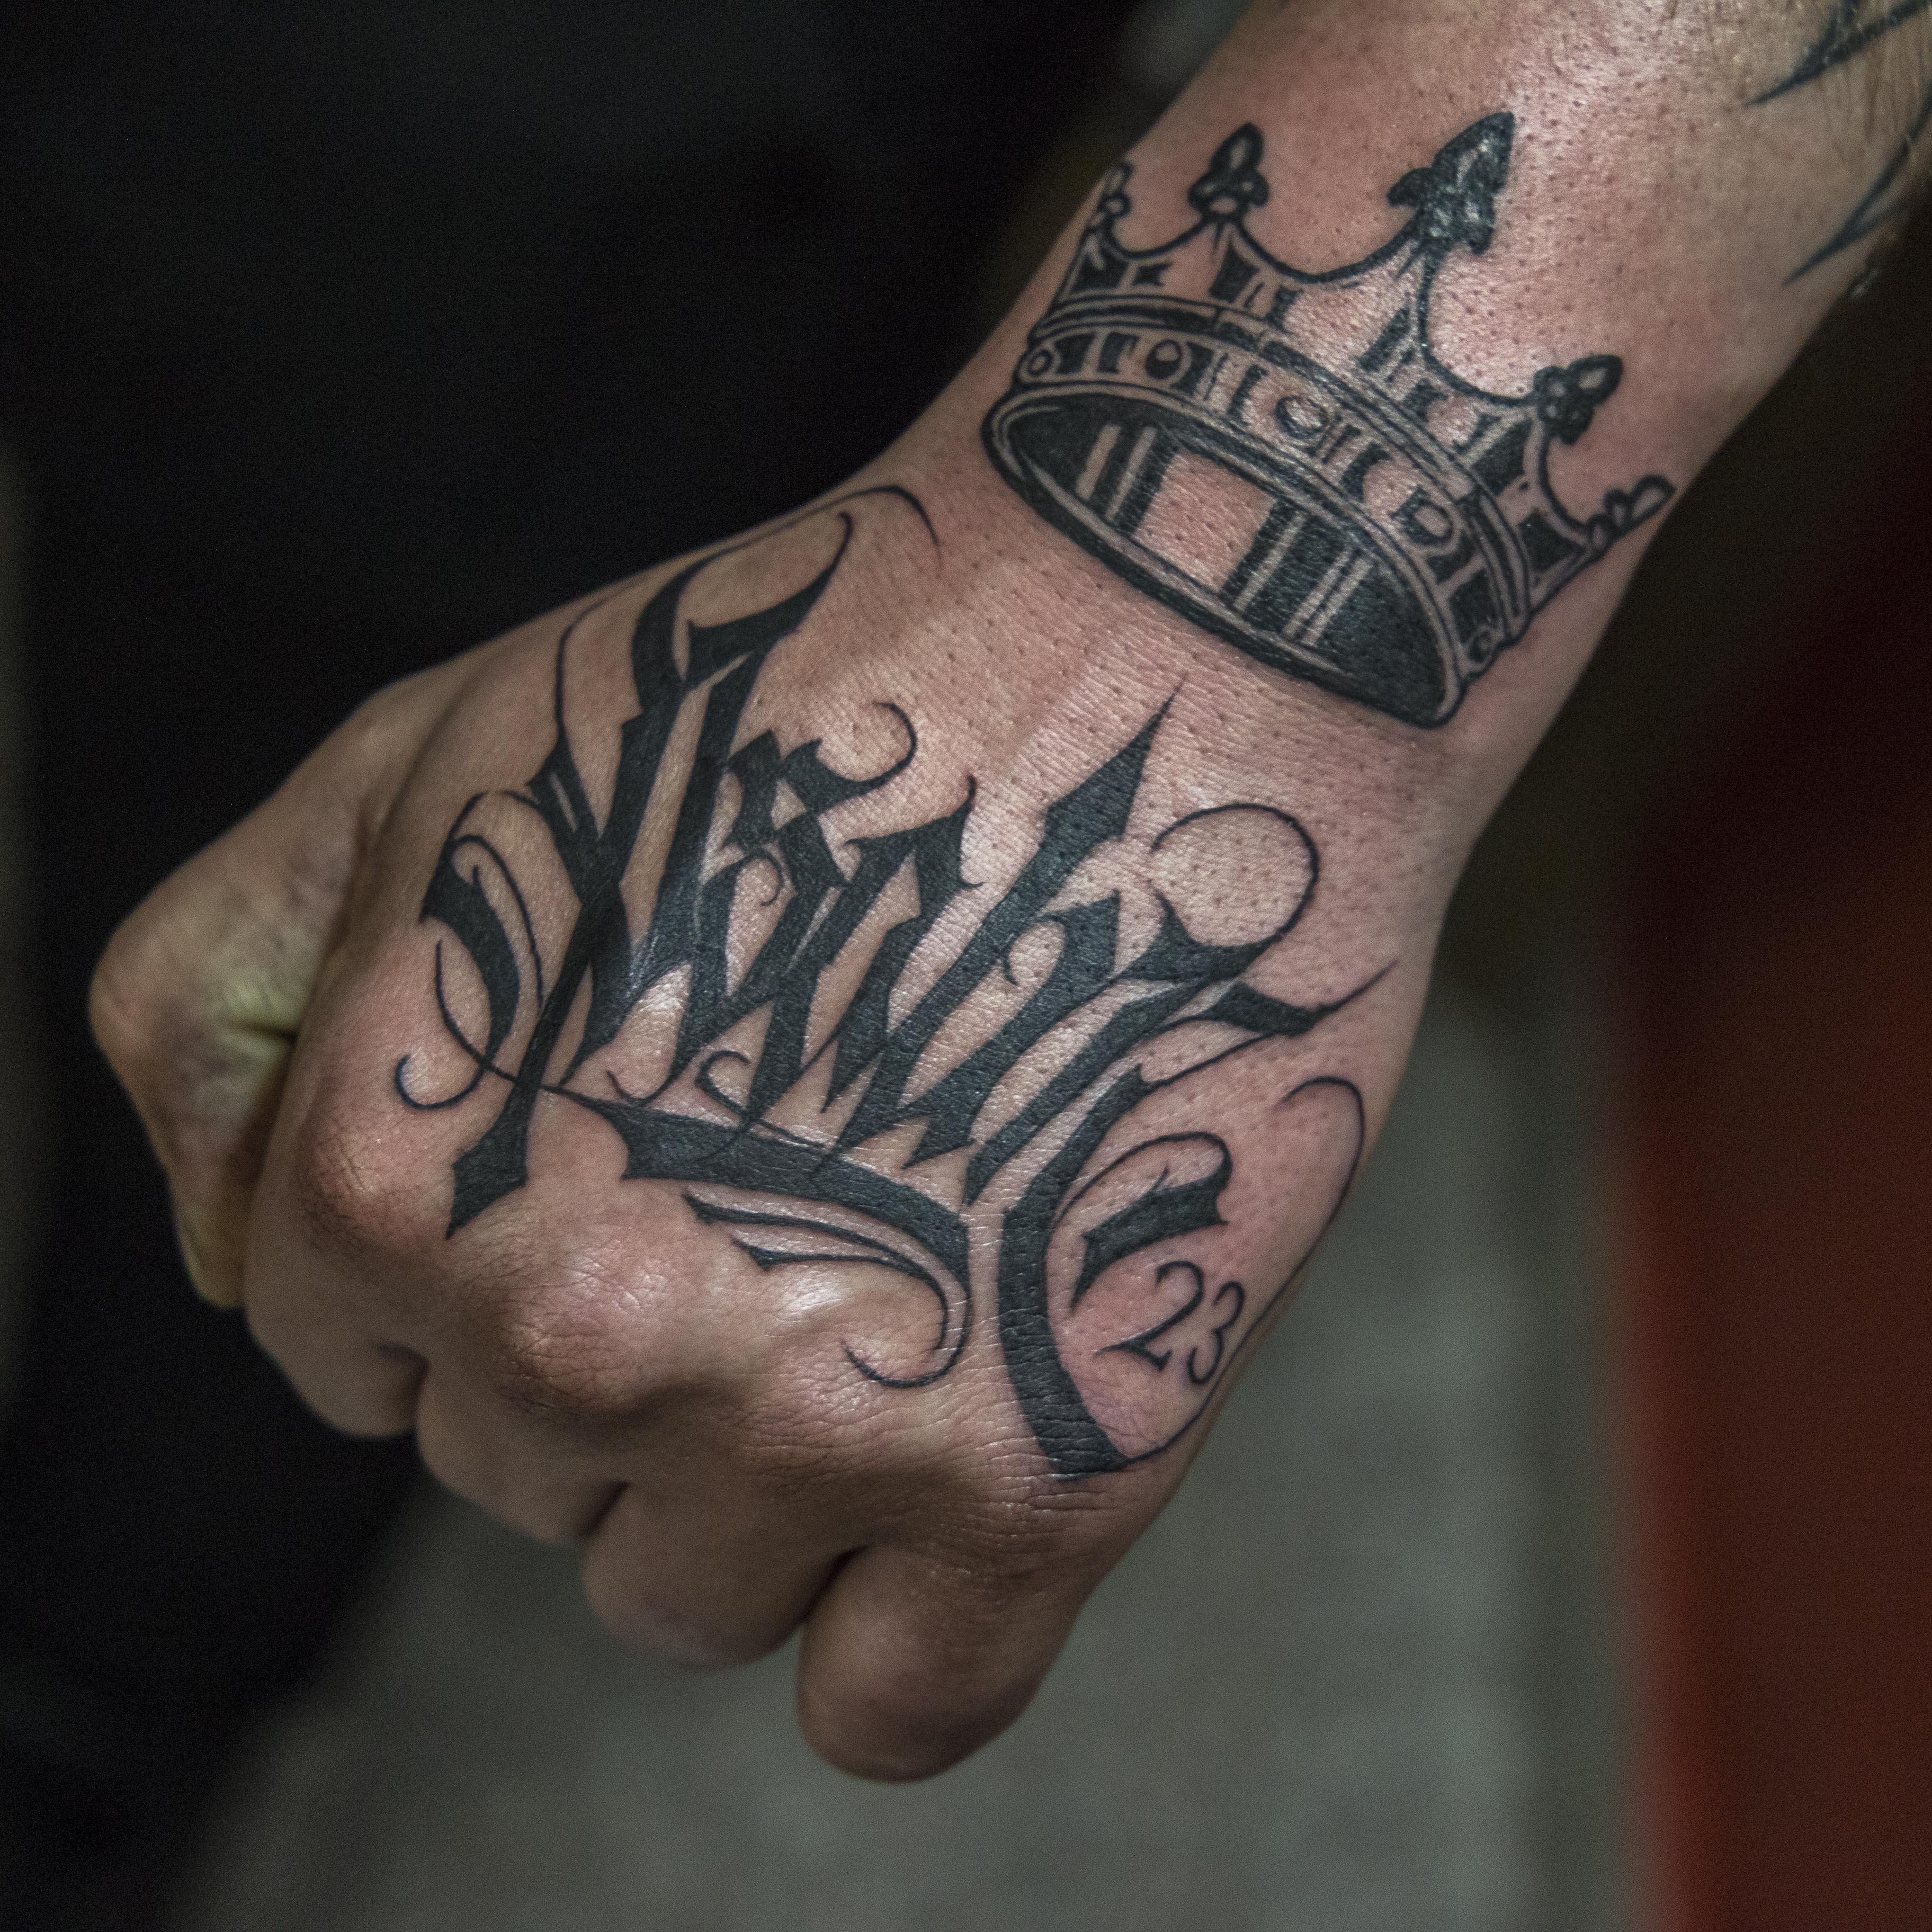 Inksearch tattoo Bartosz Głowacki